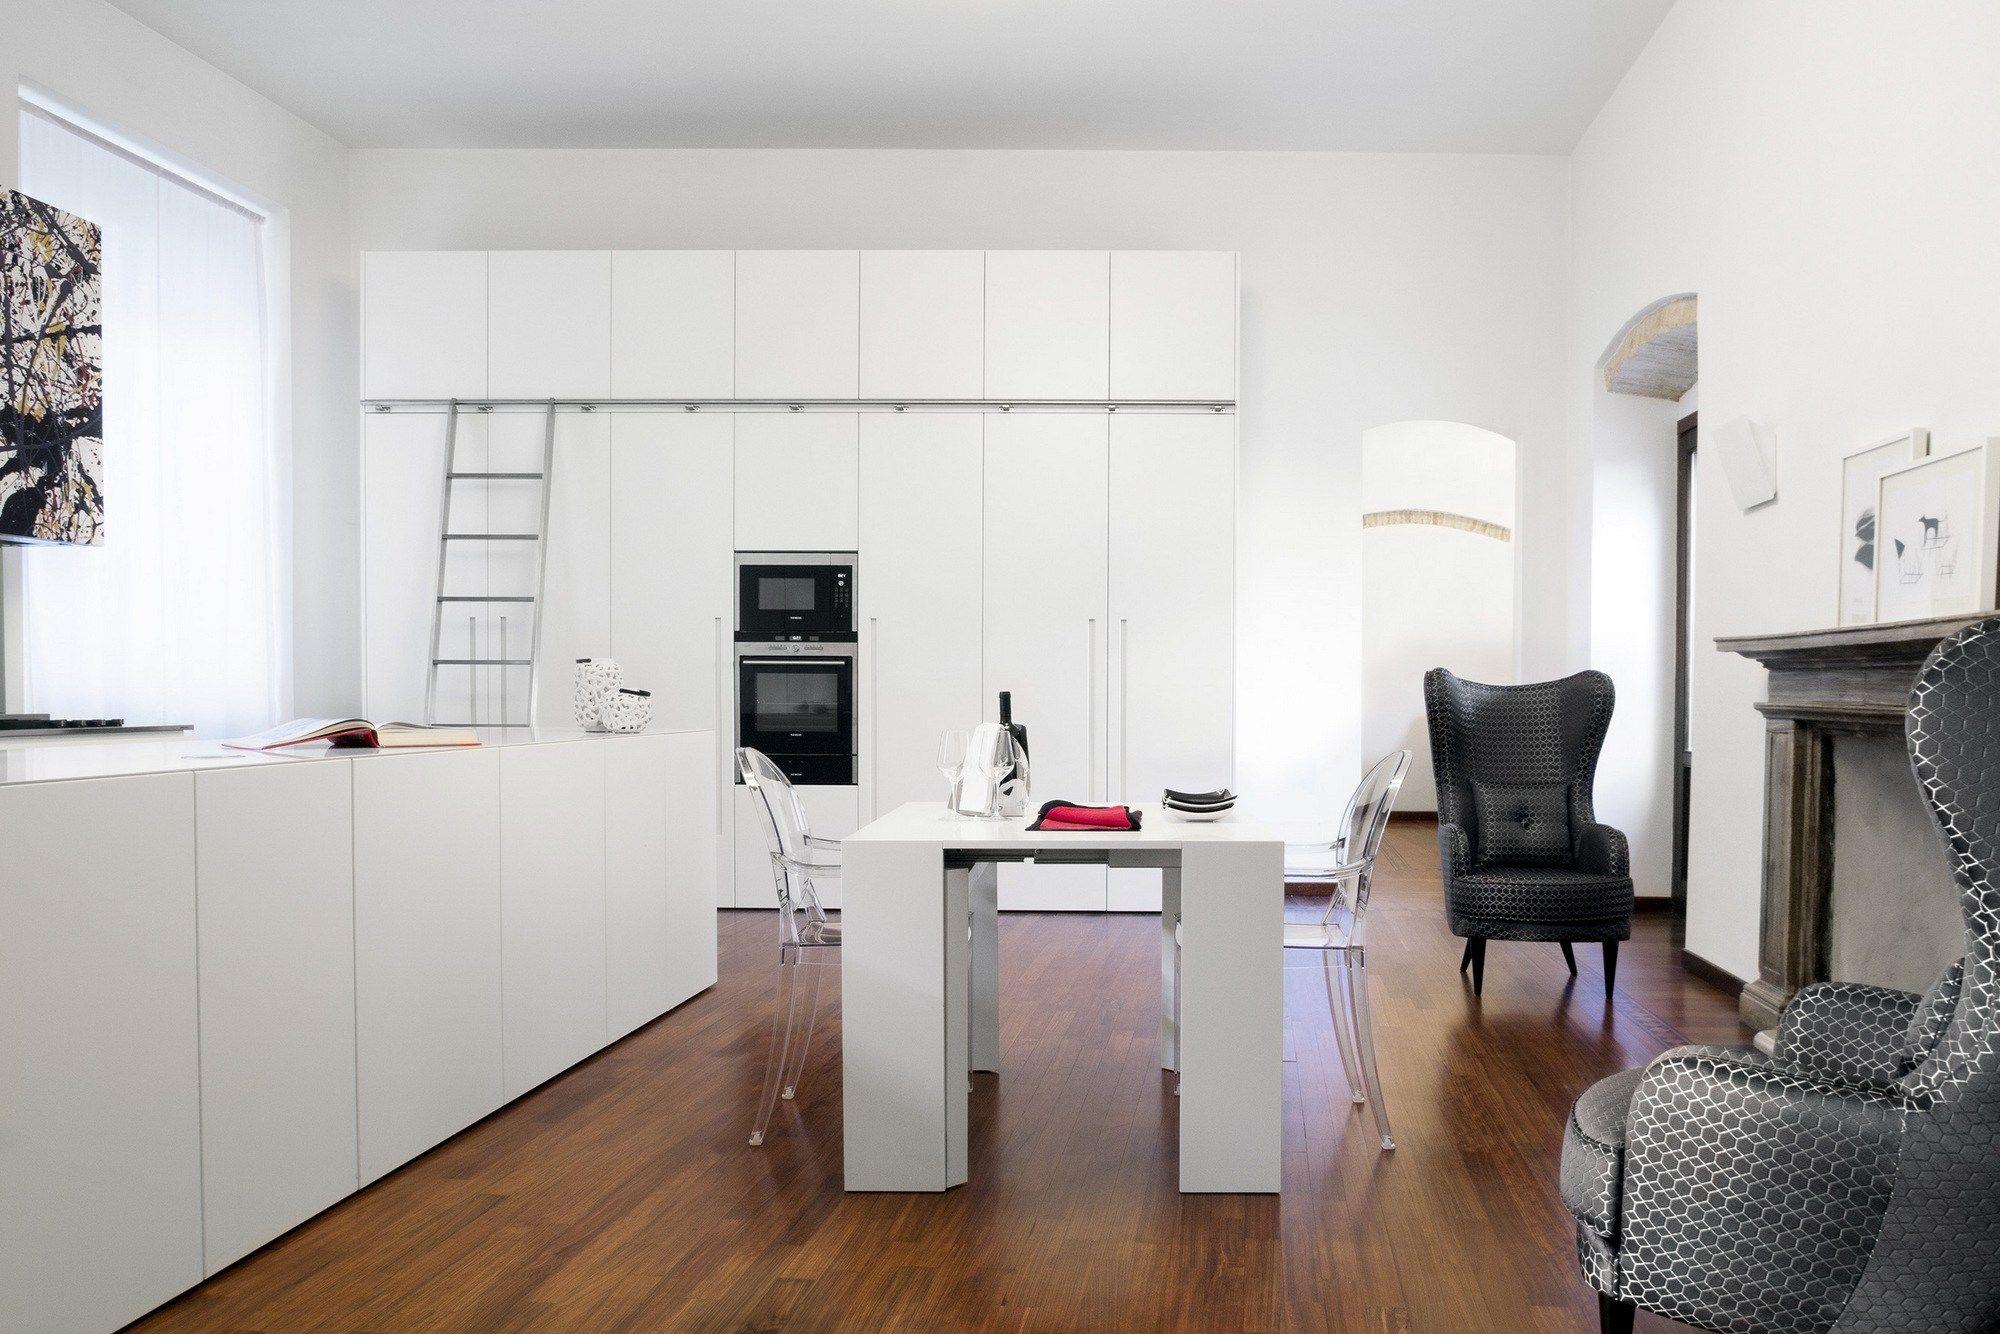 Cucina su misura con isola composizione 7 t45 t45evo d90 by tm italia cucine - Cucina su misura milano ...